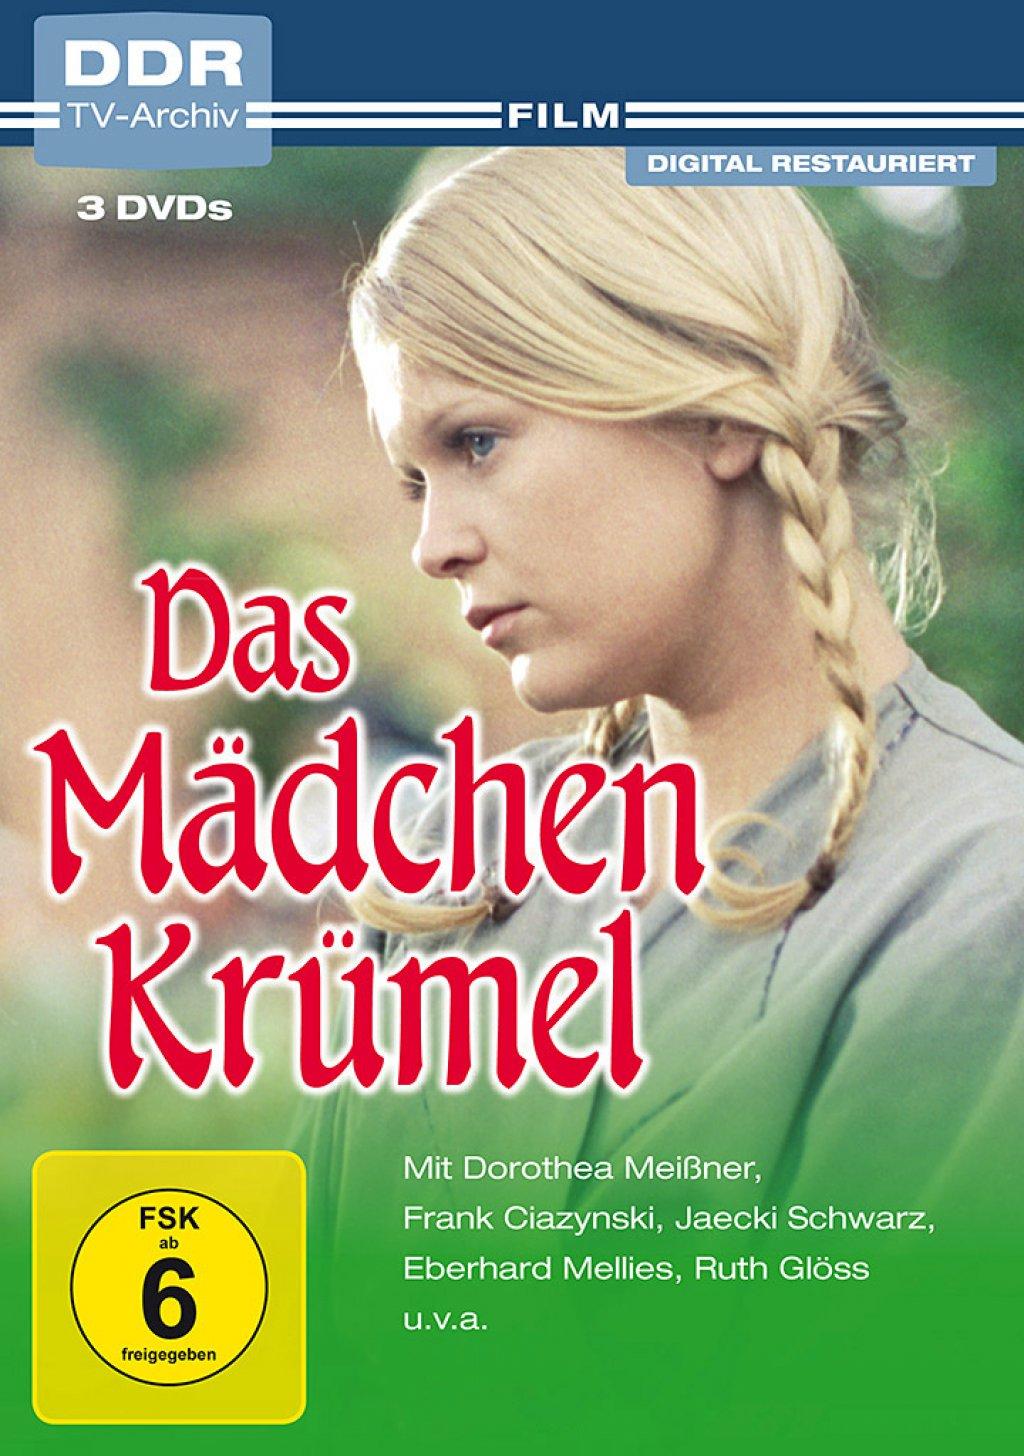 Das Mädchen Krümel - DDR TV-Archiv (DVD)